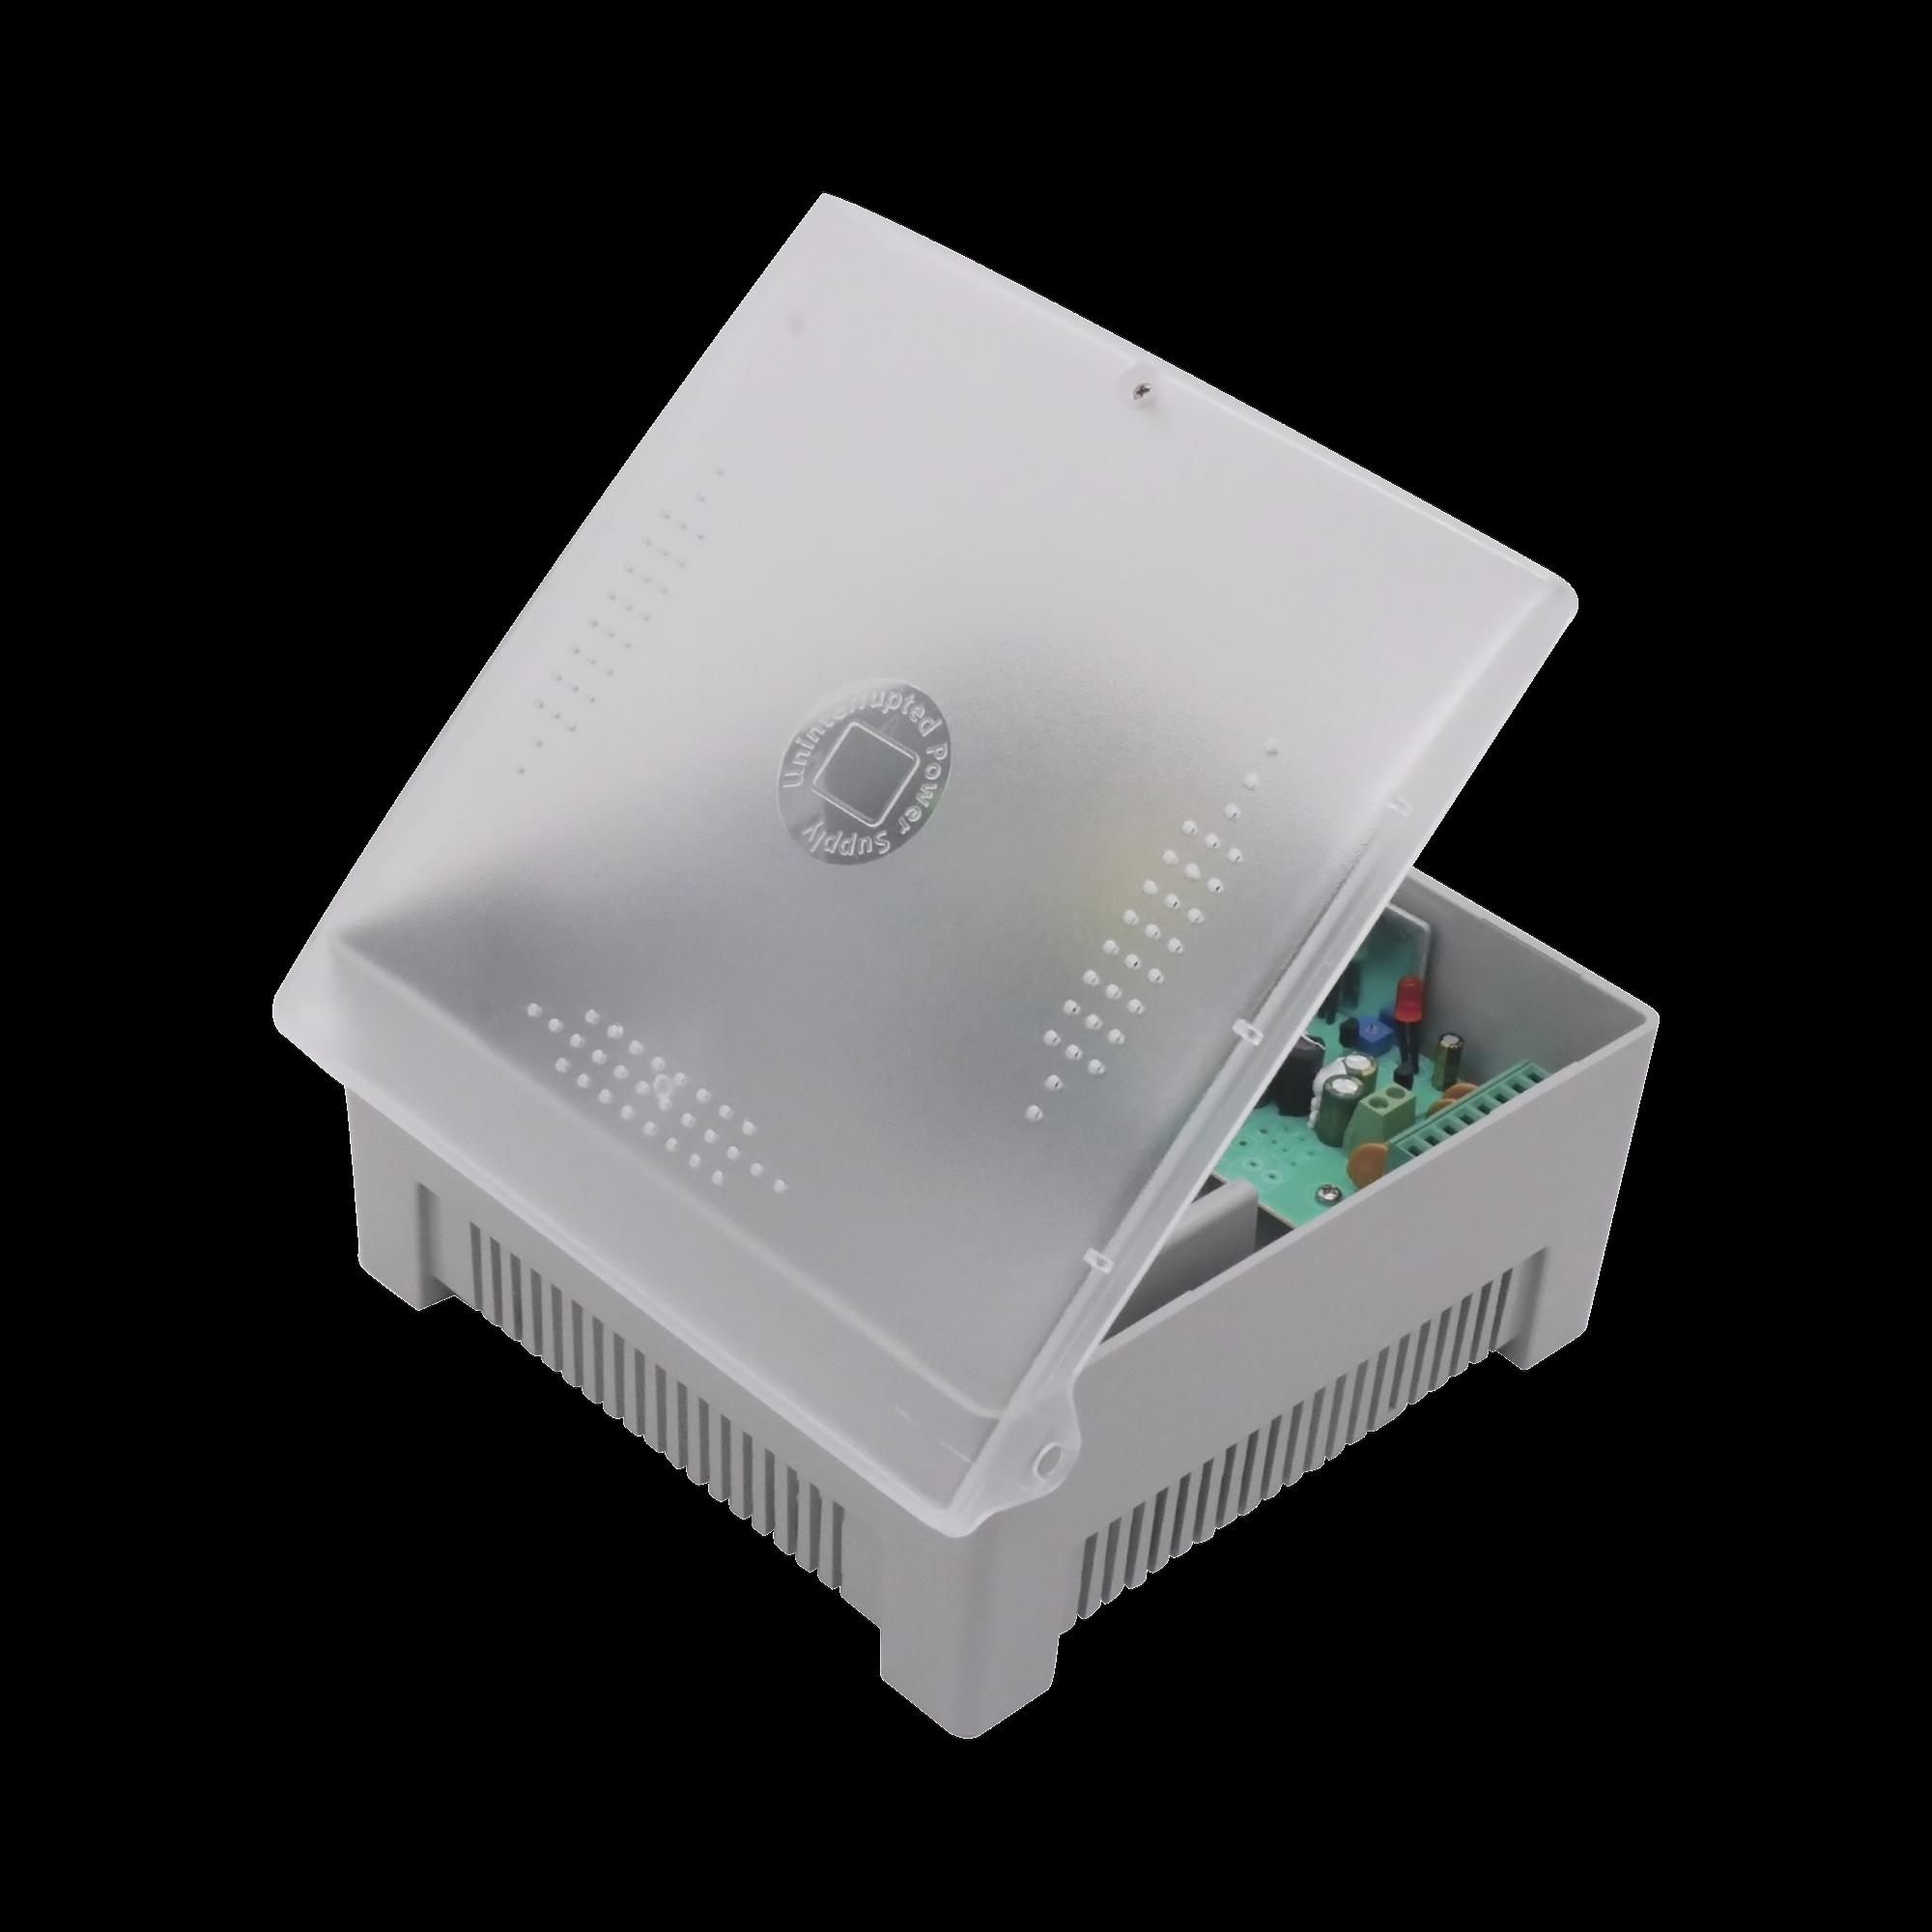 Fuente de alimentación con gabinete de 11-15 Vcc @ 5 Amper voltaje de entrada: 96-264 Vca